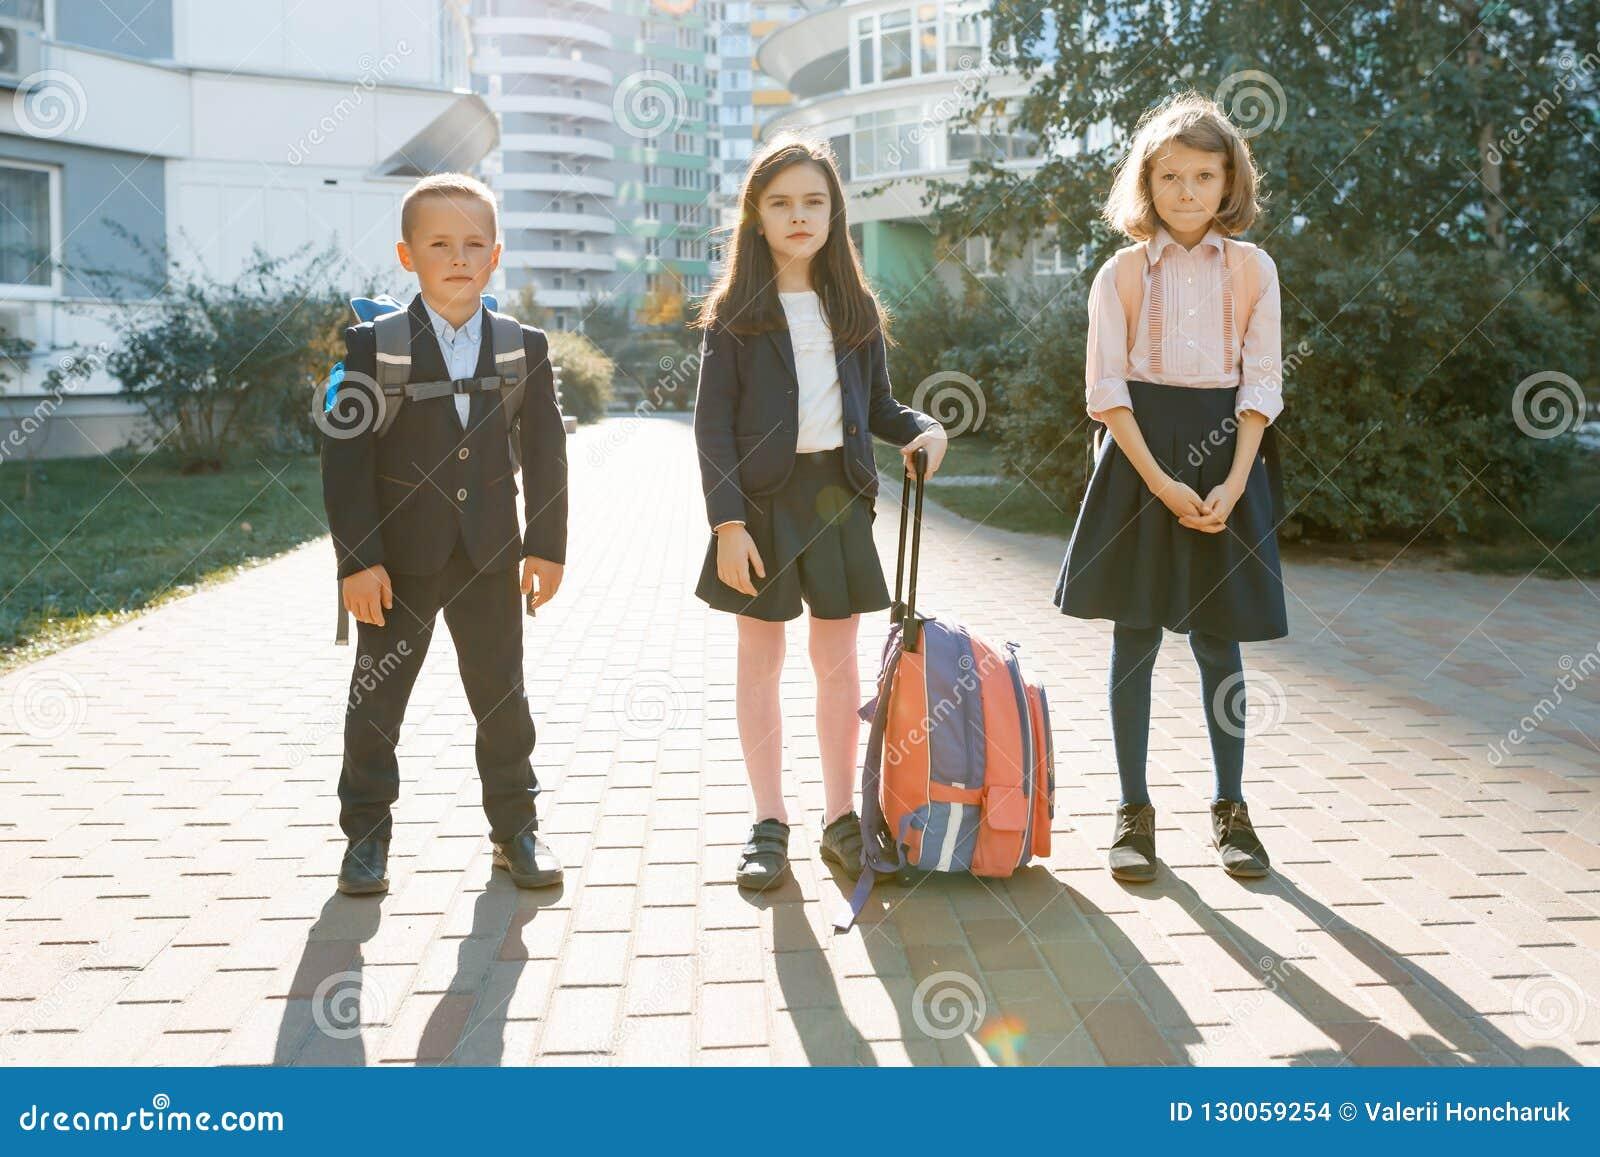 Retrato al aire libre de alumnos sonrientes en escuela primaria Un grupo de niños con las mochilas se está divirtiendo, hablando